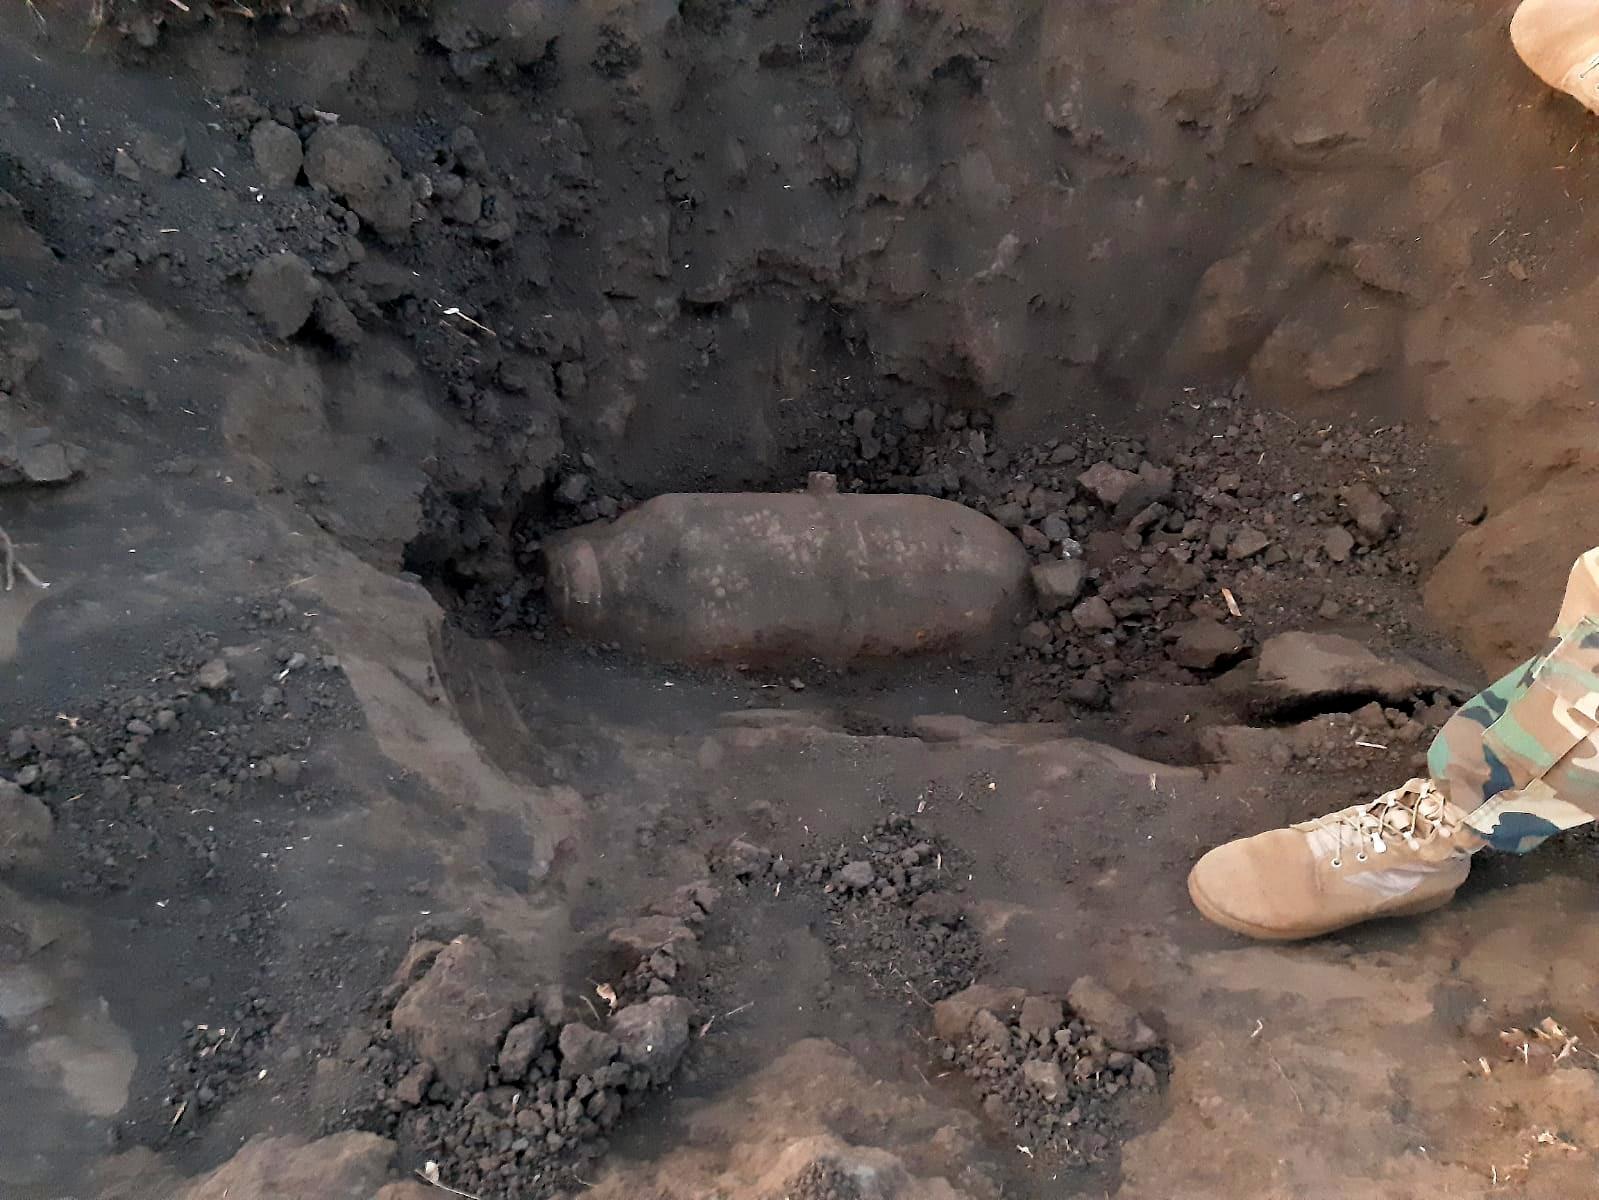 ВНовых Аненах сотрудники СИБ обнаружили боевые снаряды (ФОТО)